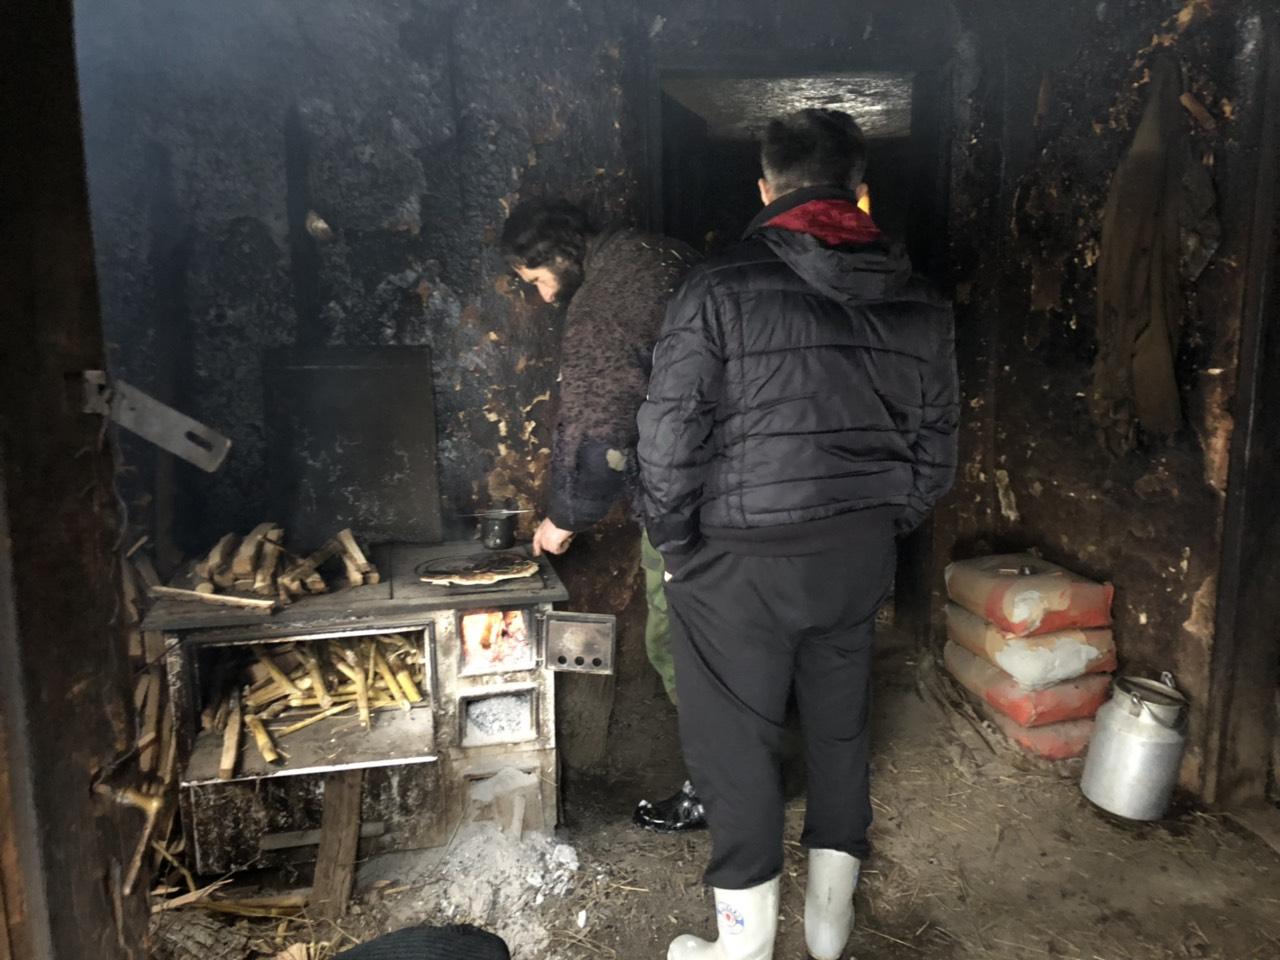 Slavoljub peče hleb na šporetu koji nema odžak, foto: M. Miladinović